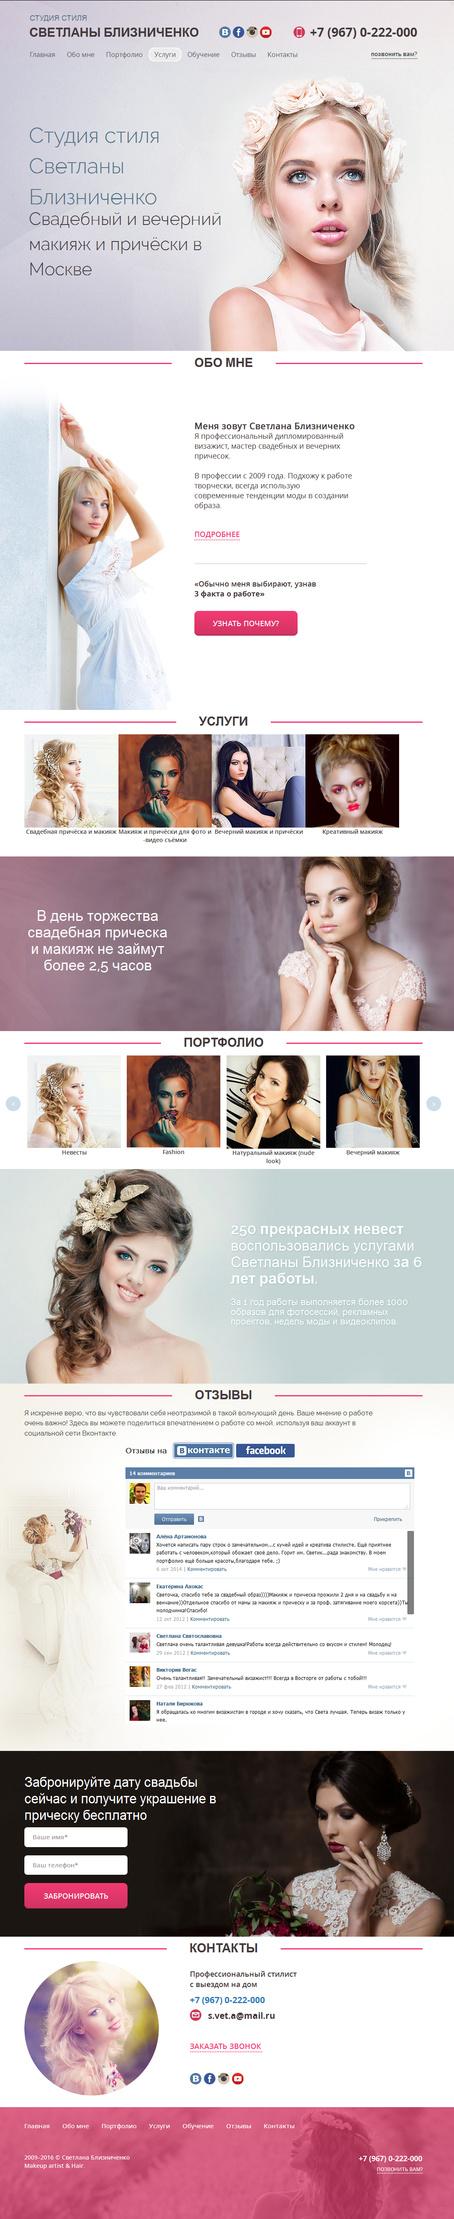 Студия стиля Светланы Близниченко